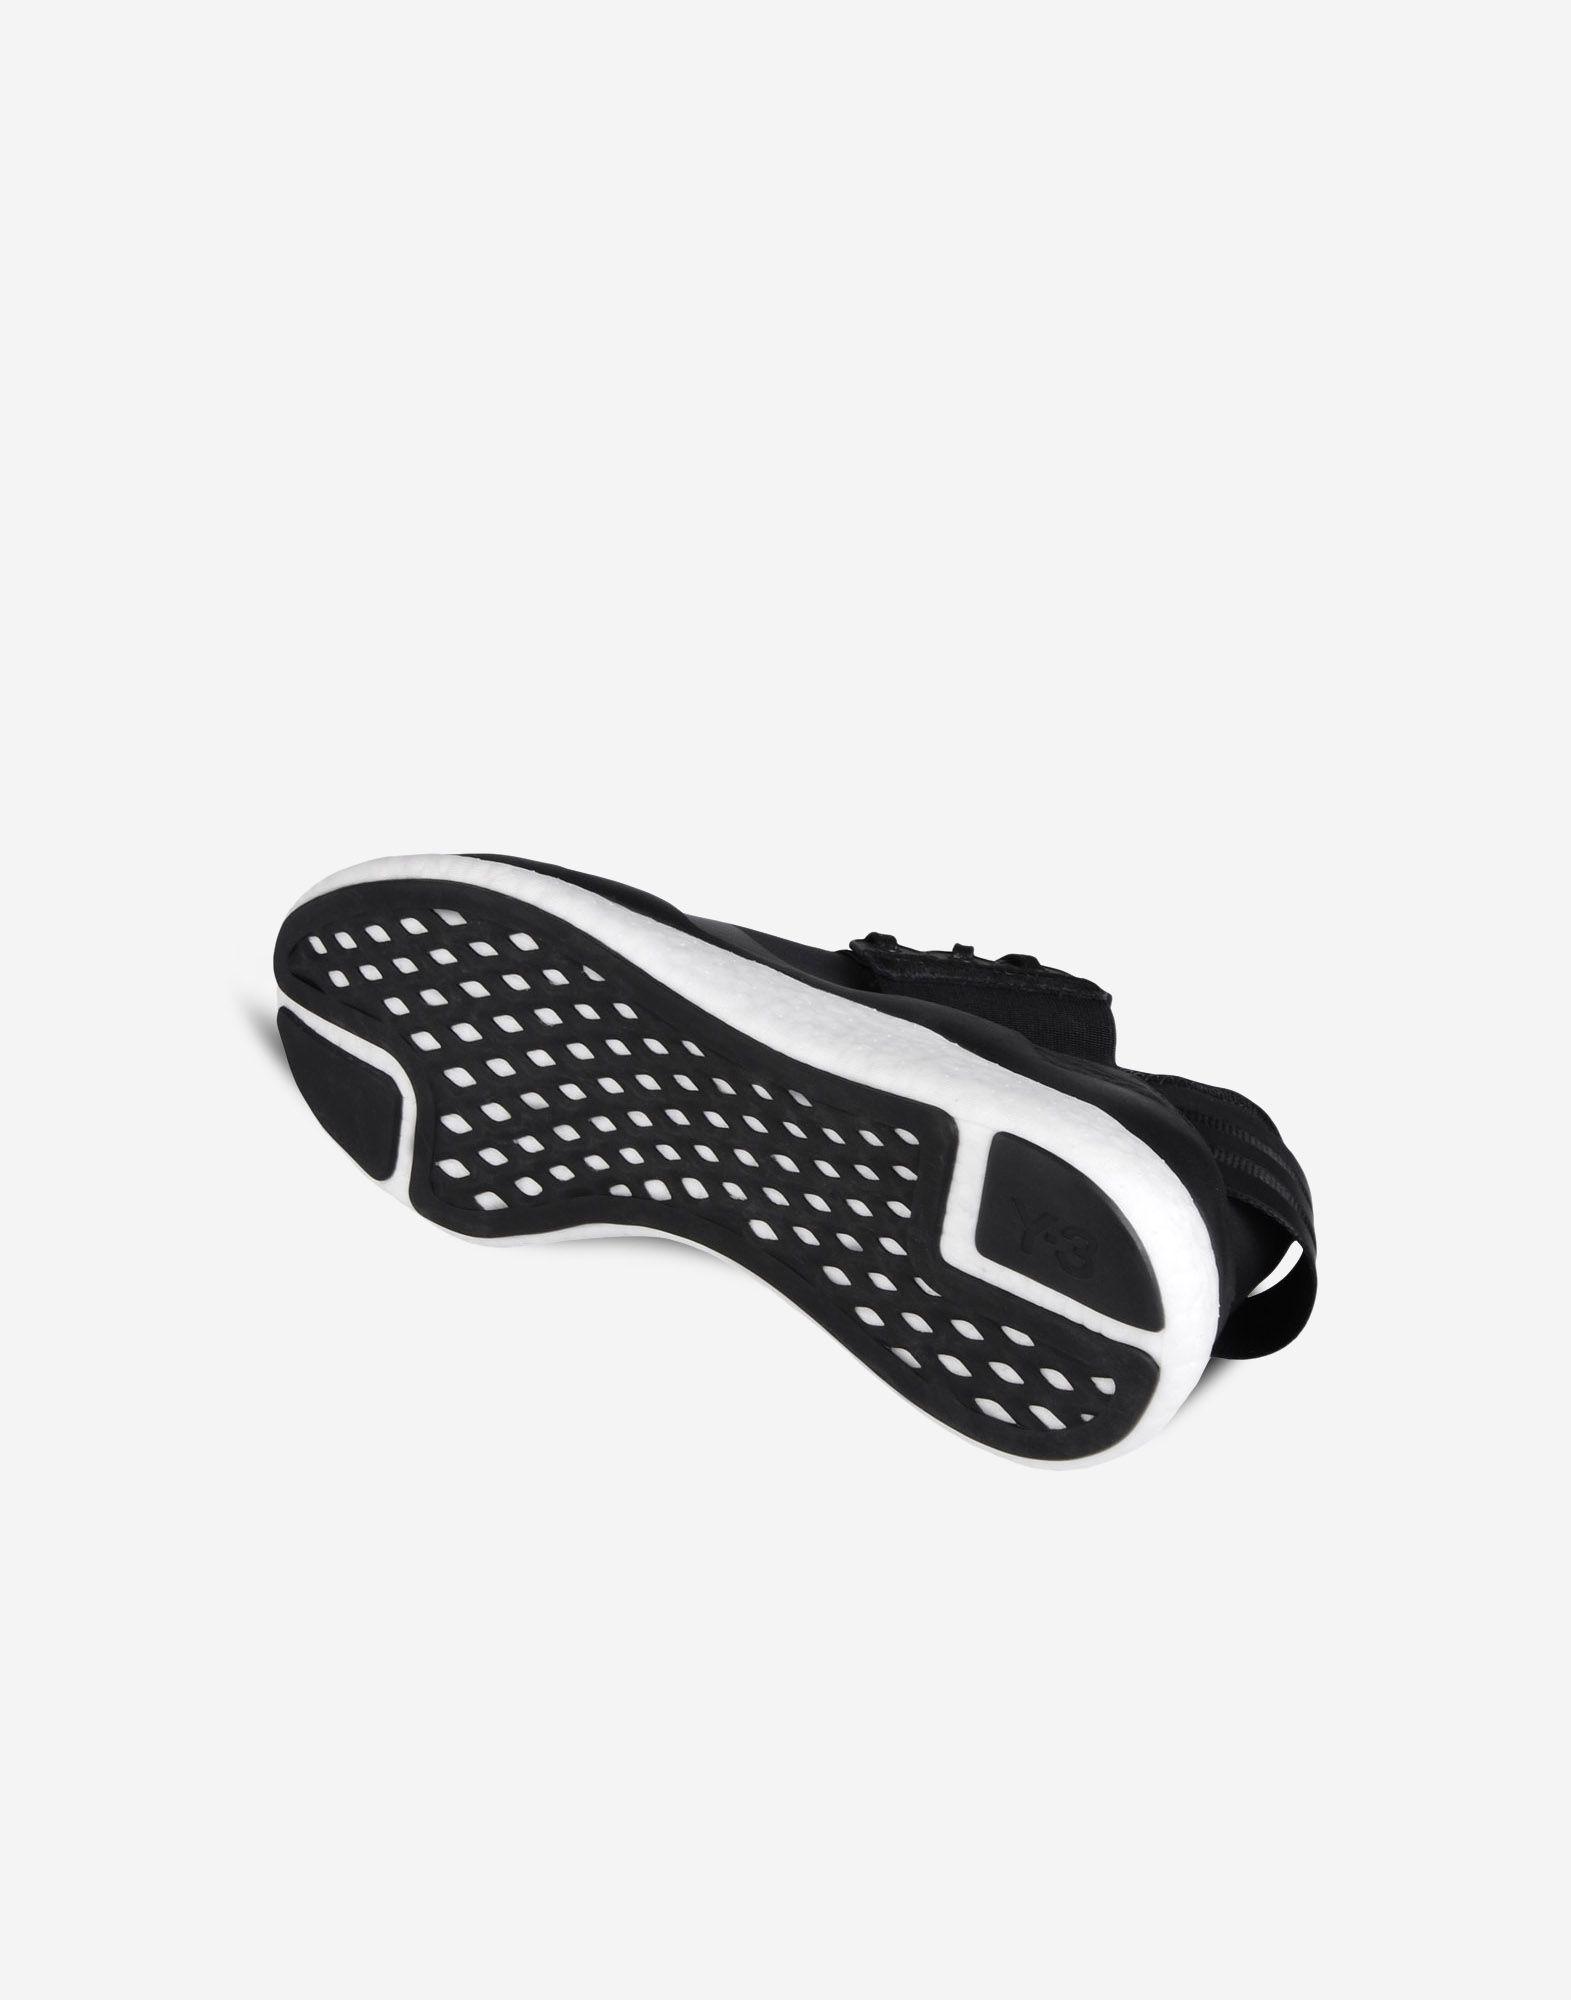 Adidas Y-3 Retro Boost 2ZWhRbmgbX